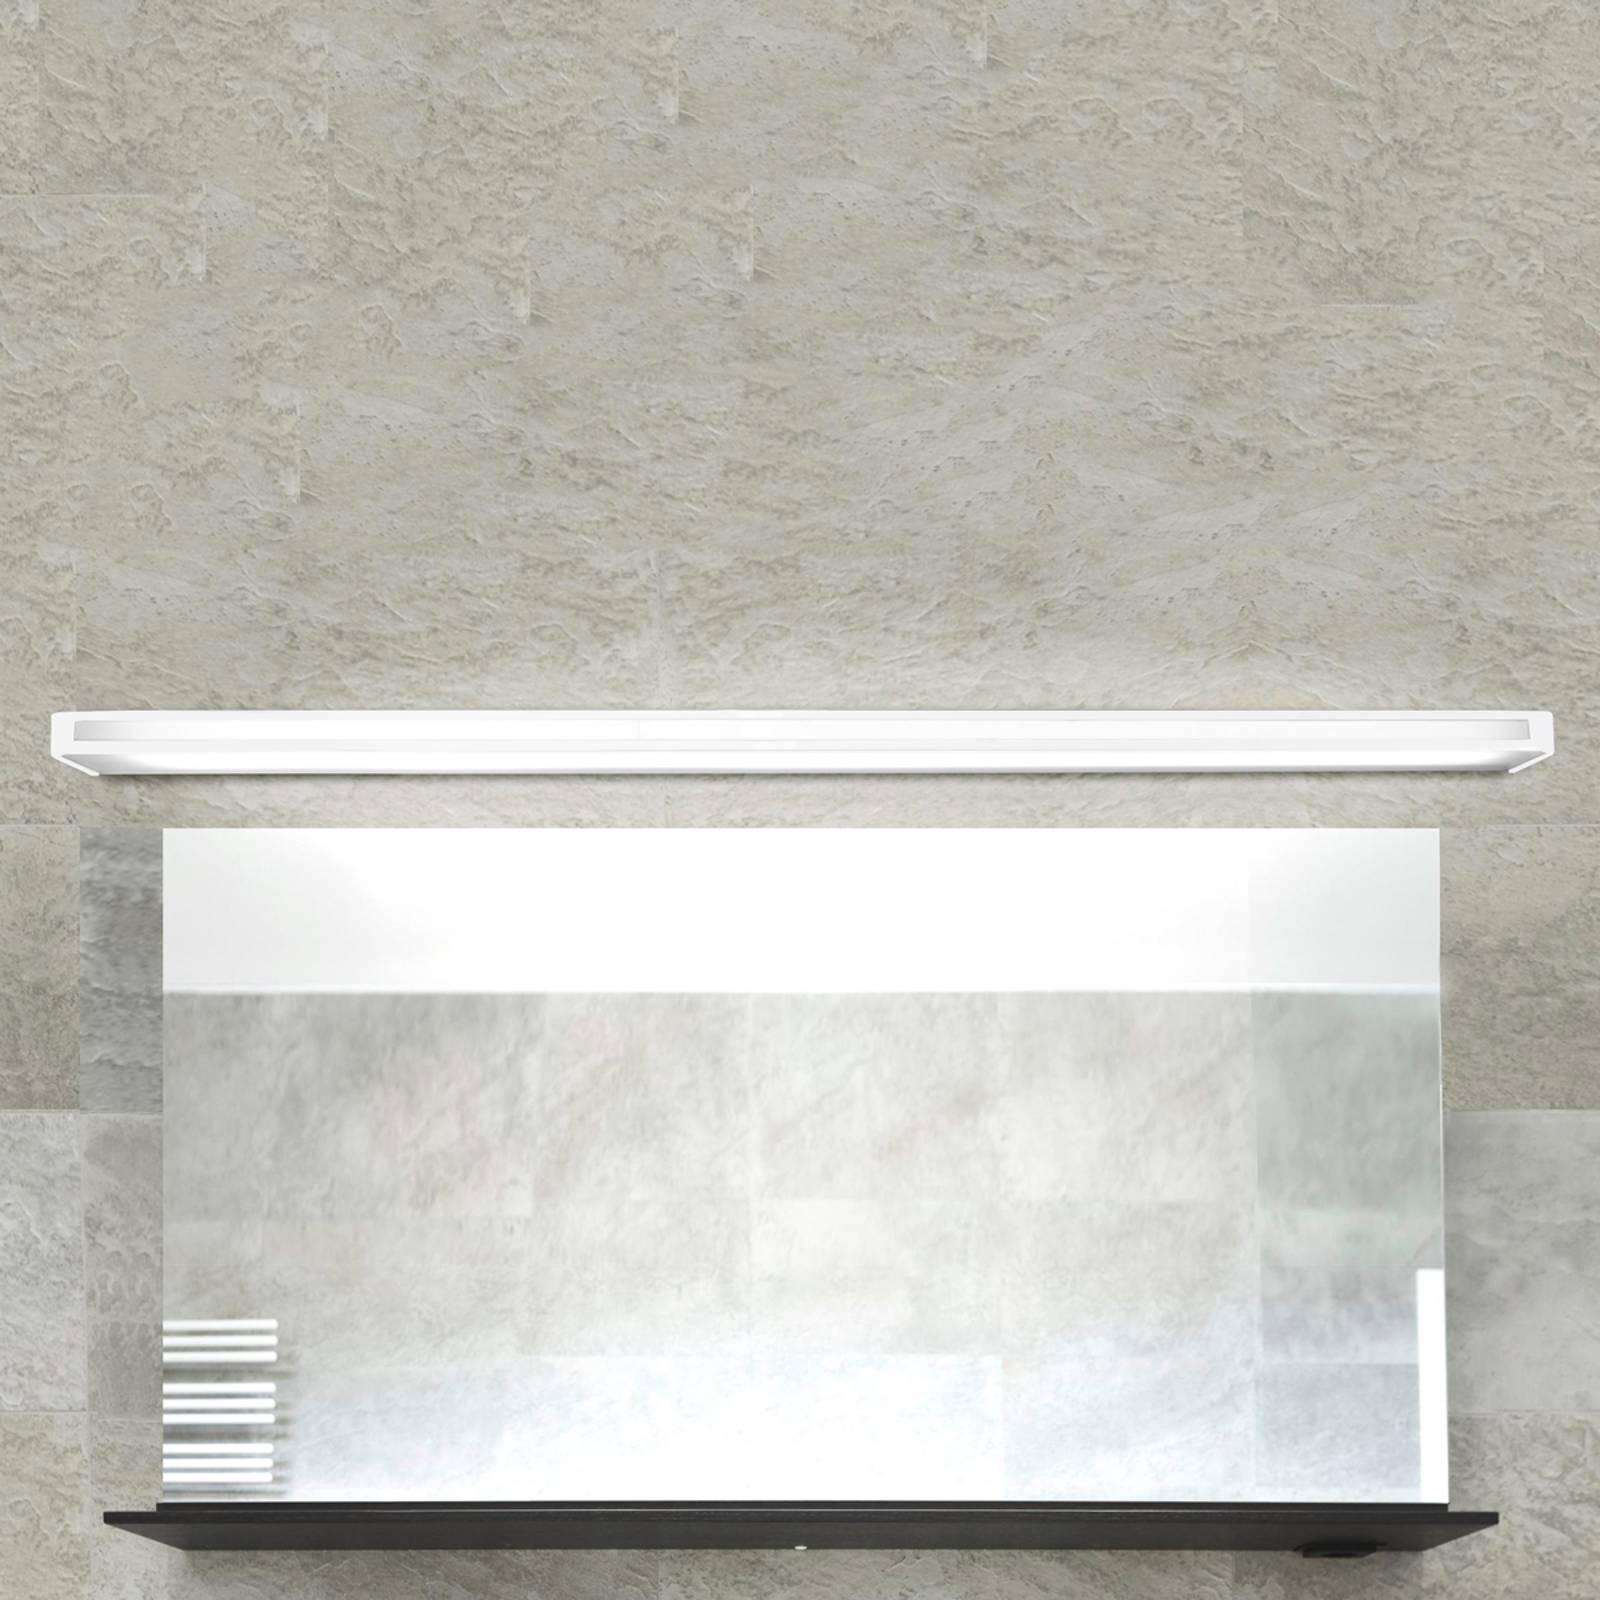 Tijdloze LED wandlamp Arcos, IP20 150 cm, wit